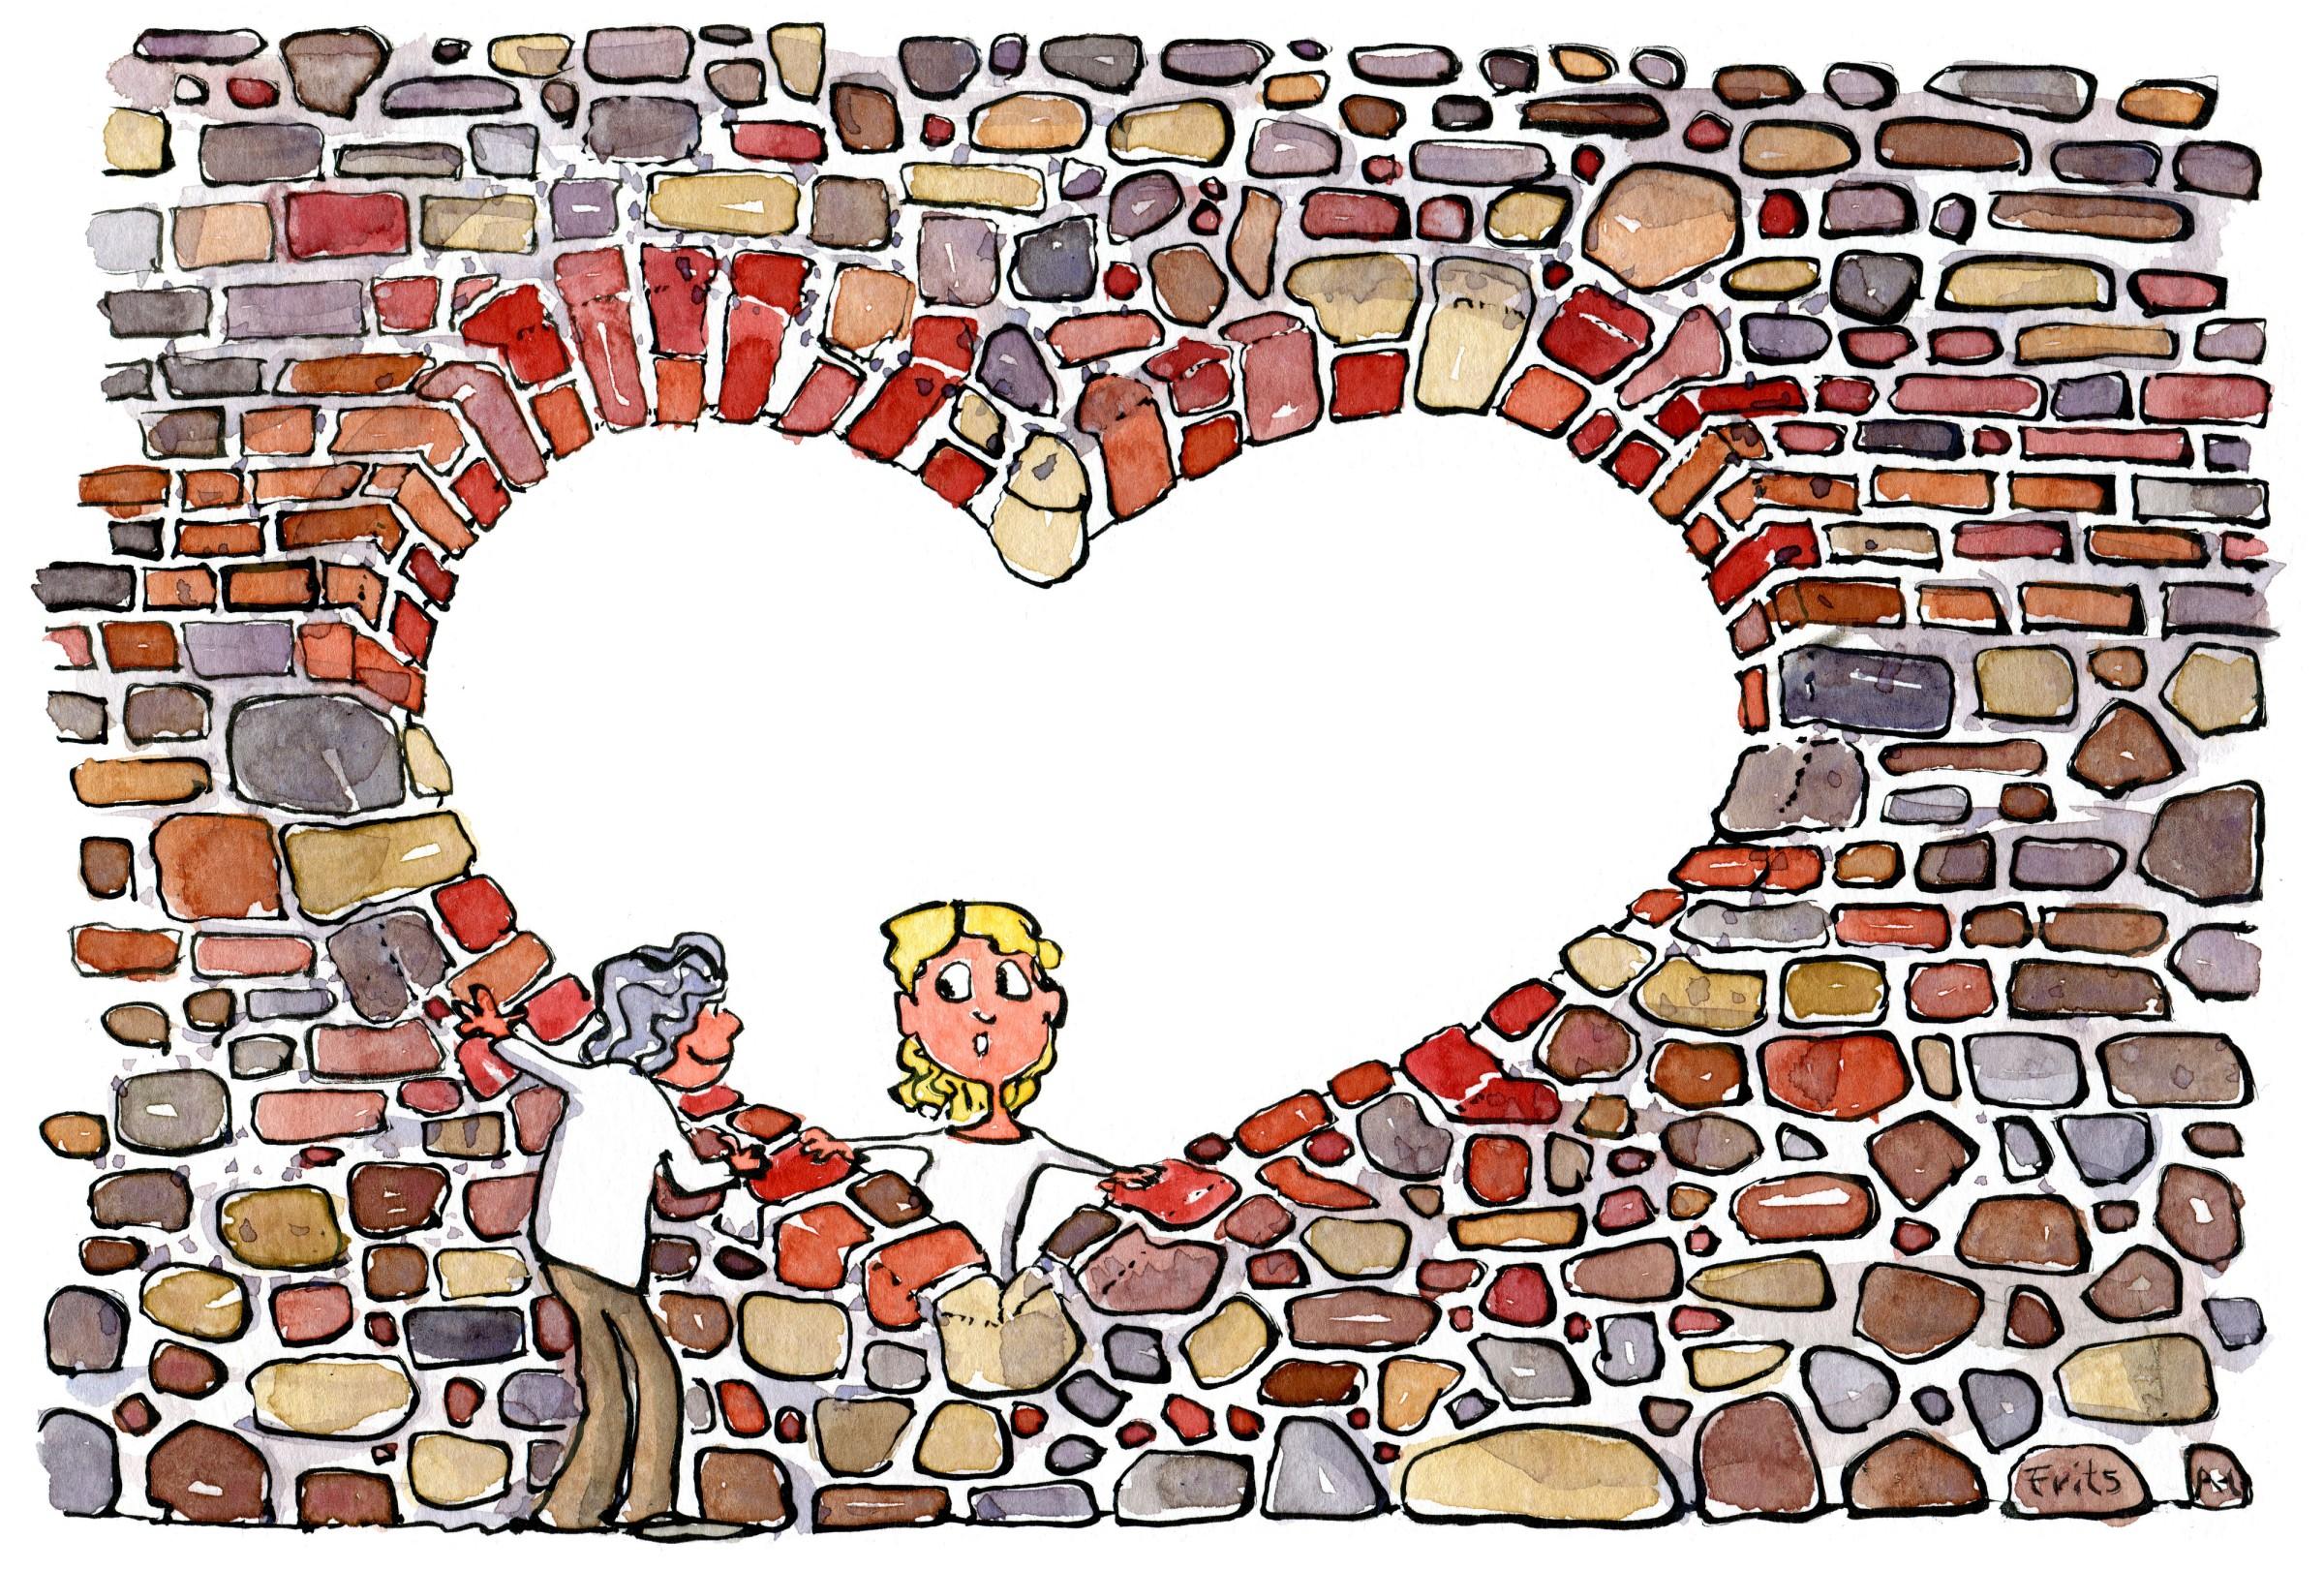 Hjerte hul i mur med ældre dame på den ene side og en yngre kvinde på den anden side. Illustration Frits Ahlefeldt